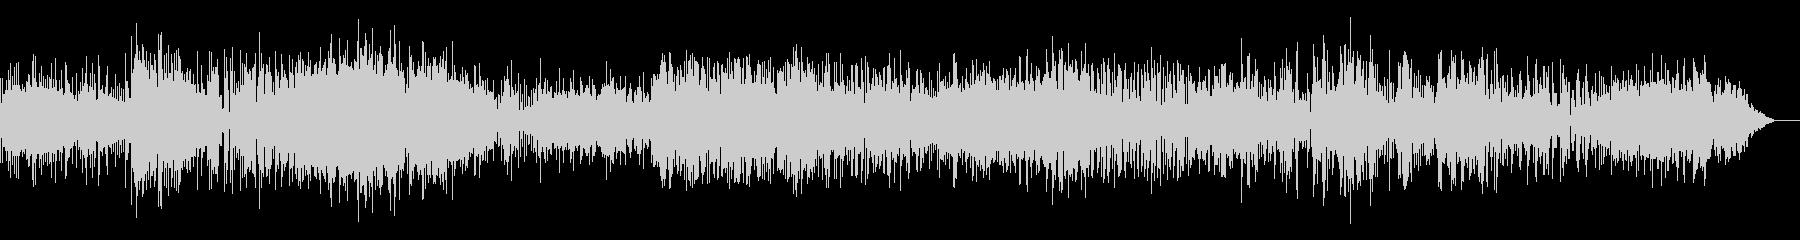 ダークな雰囲気のロボティックなIDMの未再生の波形